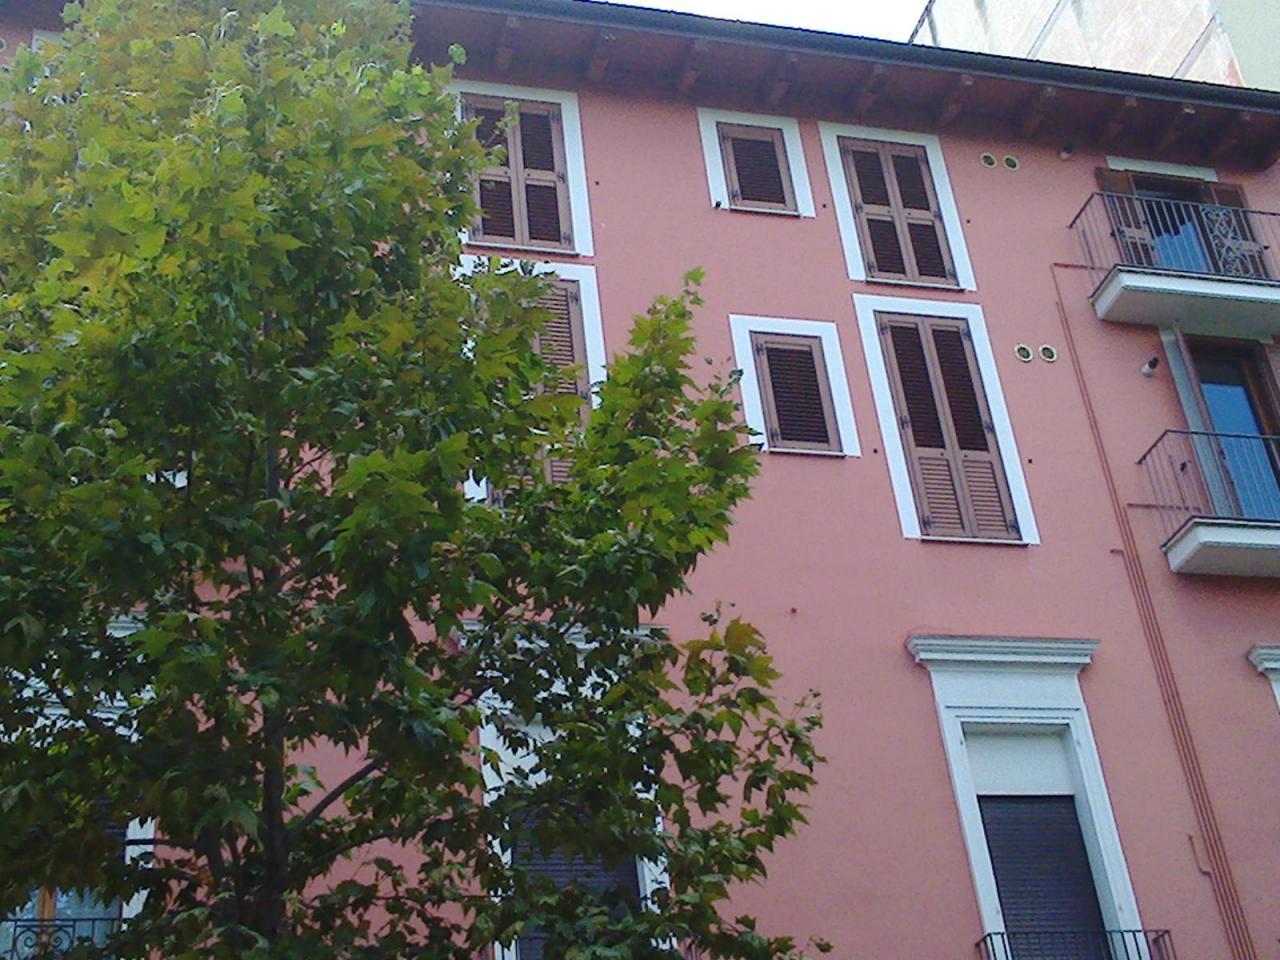 Attico / Mansarda in vendita a Teramo, 3 locali, prezzo € 170.000 | Cambio Casa.it